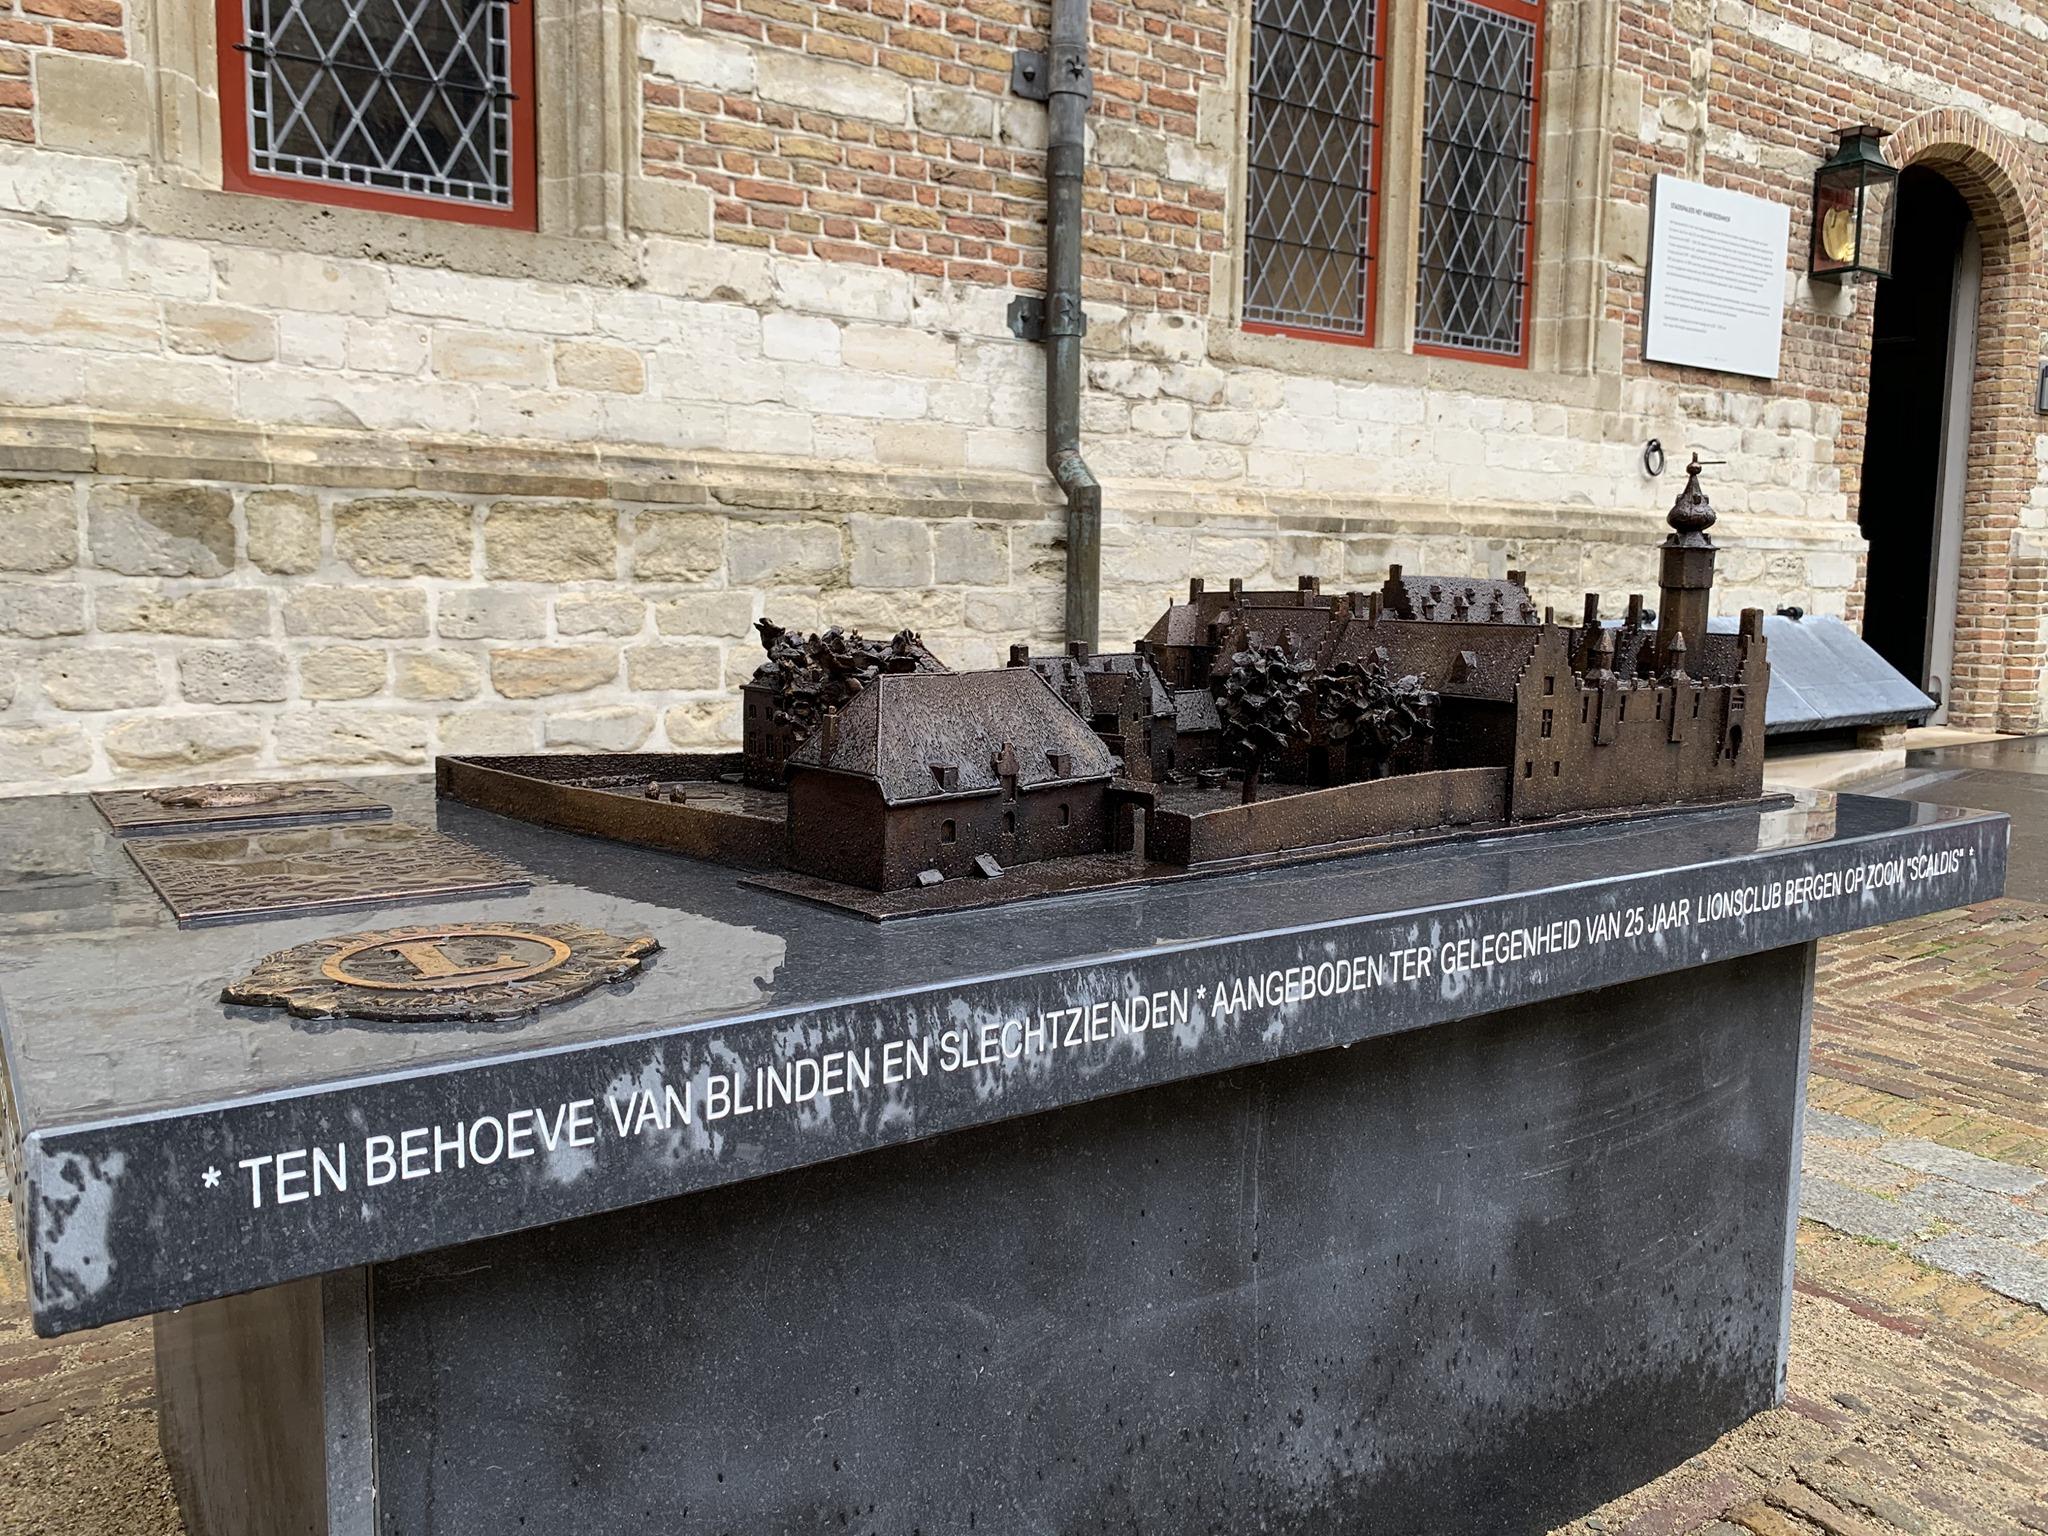 Op een grote stenen tafel staat buiten het gebouw een bronzen maquette van het Markiezenhof. De gebouwen, paleismuren en binnentuin zijn tot in detail uitgevoerd in deze miniatuur versie van het imposante stadspaleis.